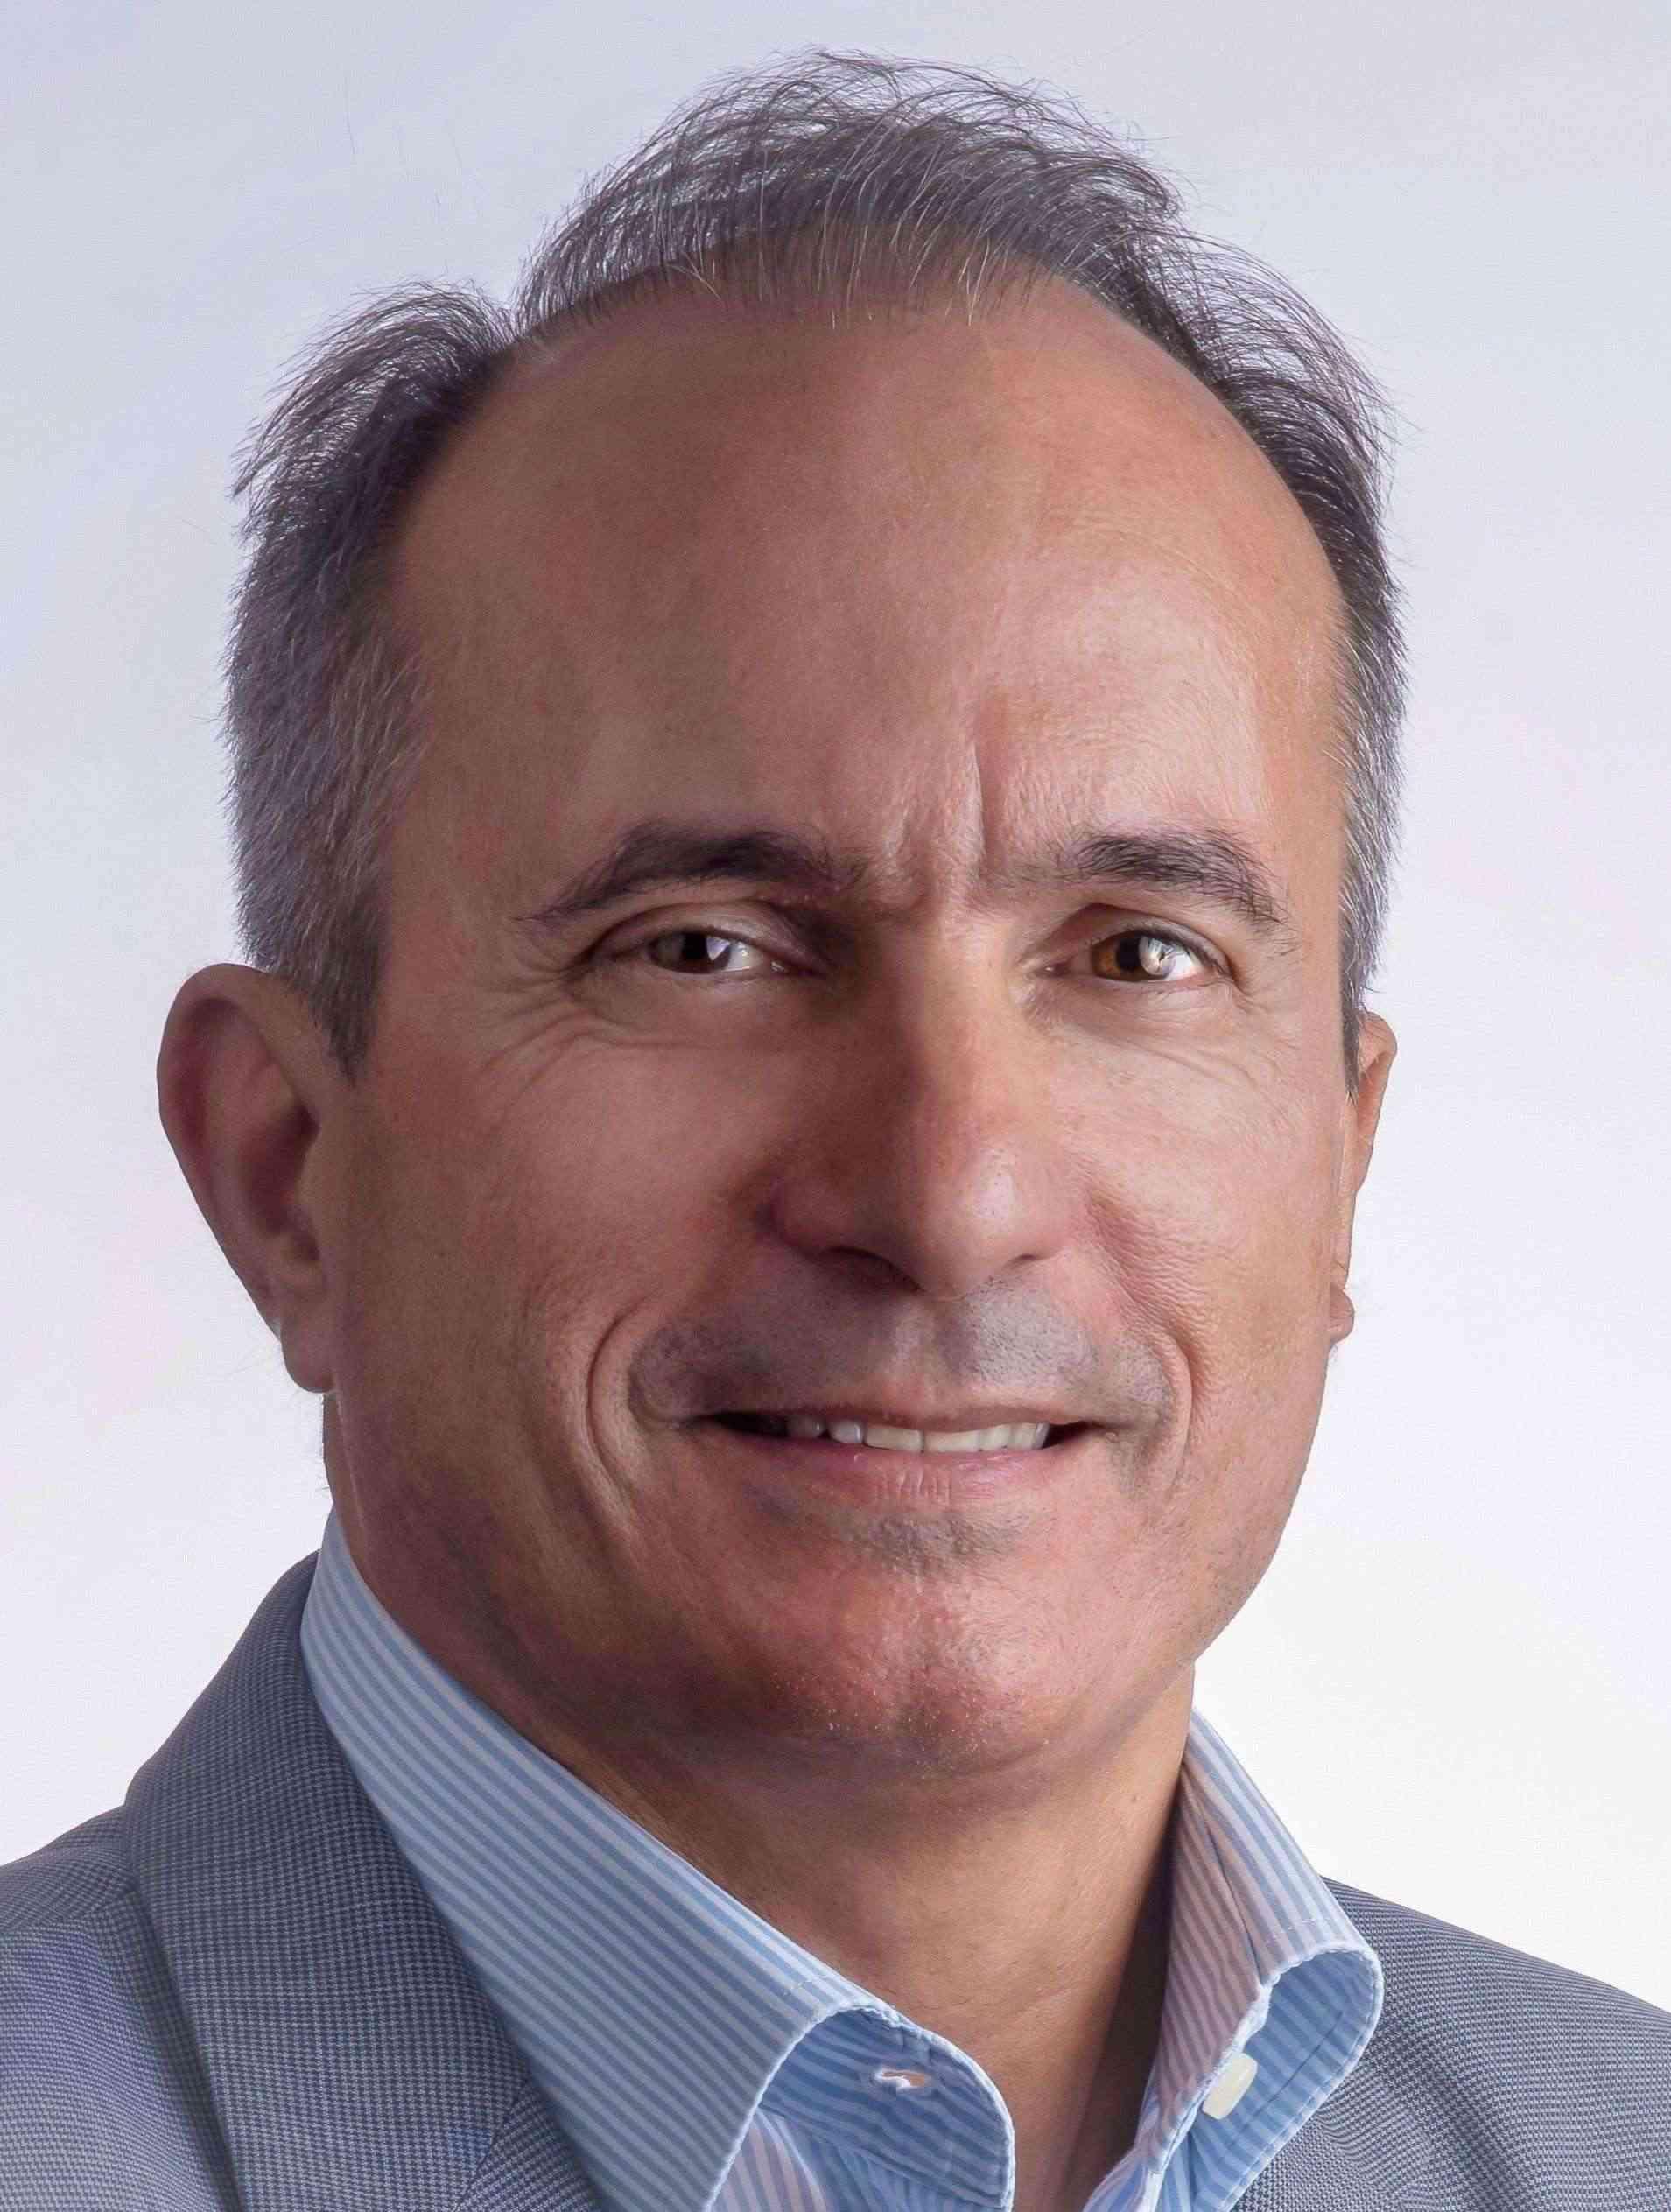 jordi botifoll ha sido nombrado nuevo vicepresidente para iberoamerica de netapp - Jordi Botifoll ha sido nombrado nuevo Vicepresidente para Iberoamérica de NetApp